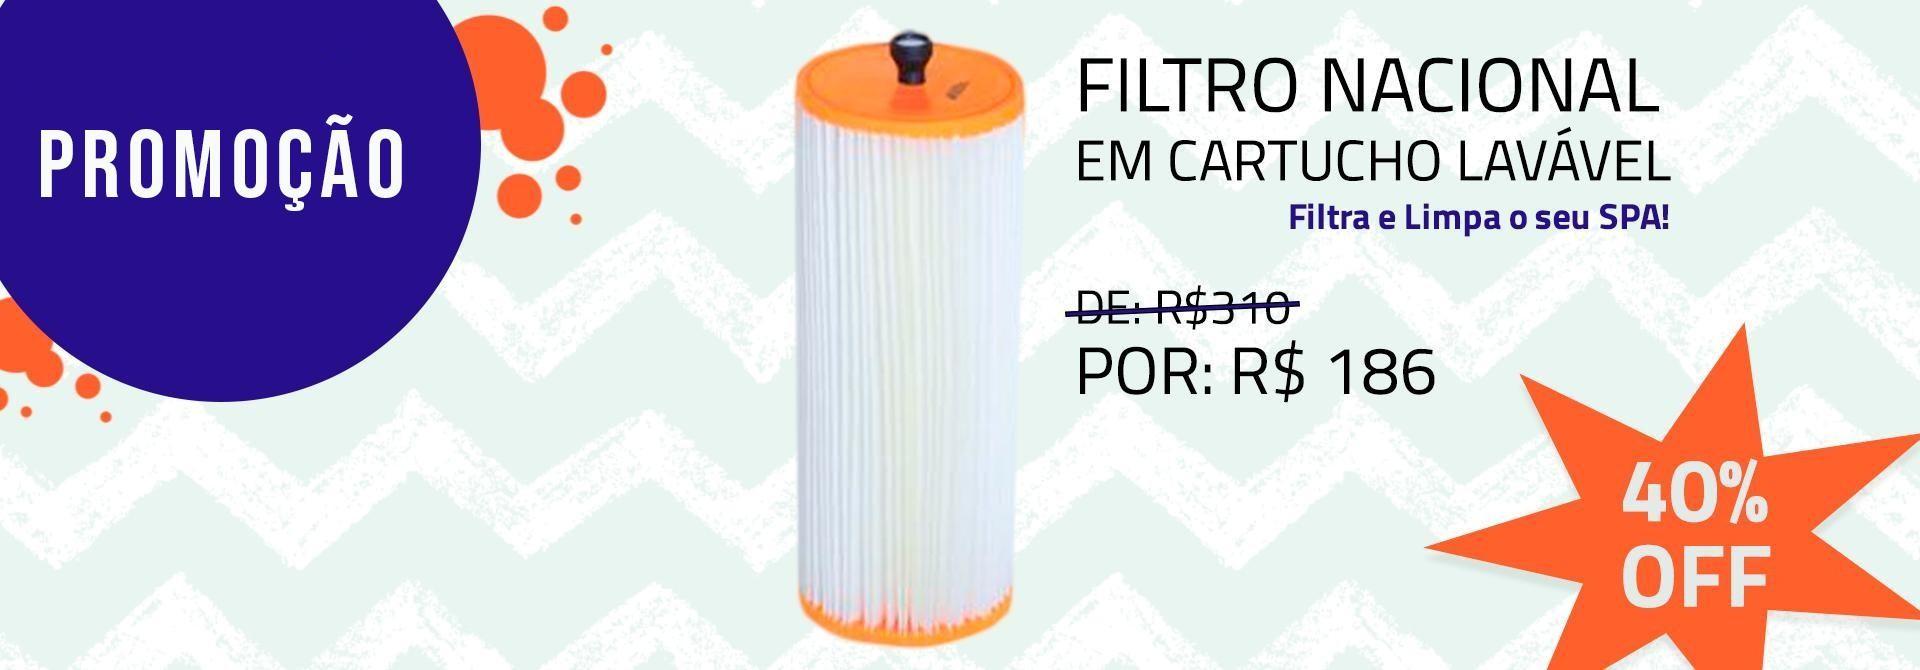 Promoção Filtro